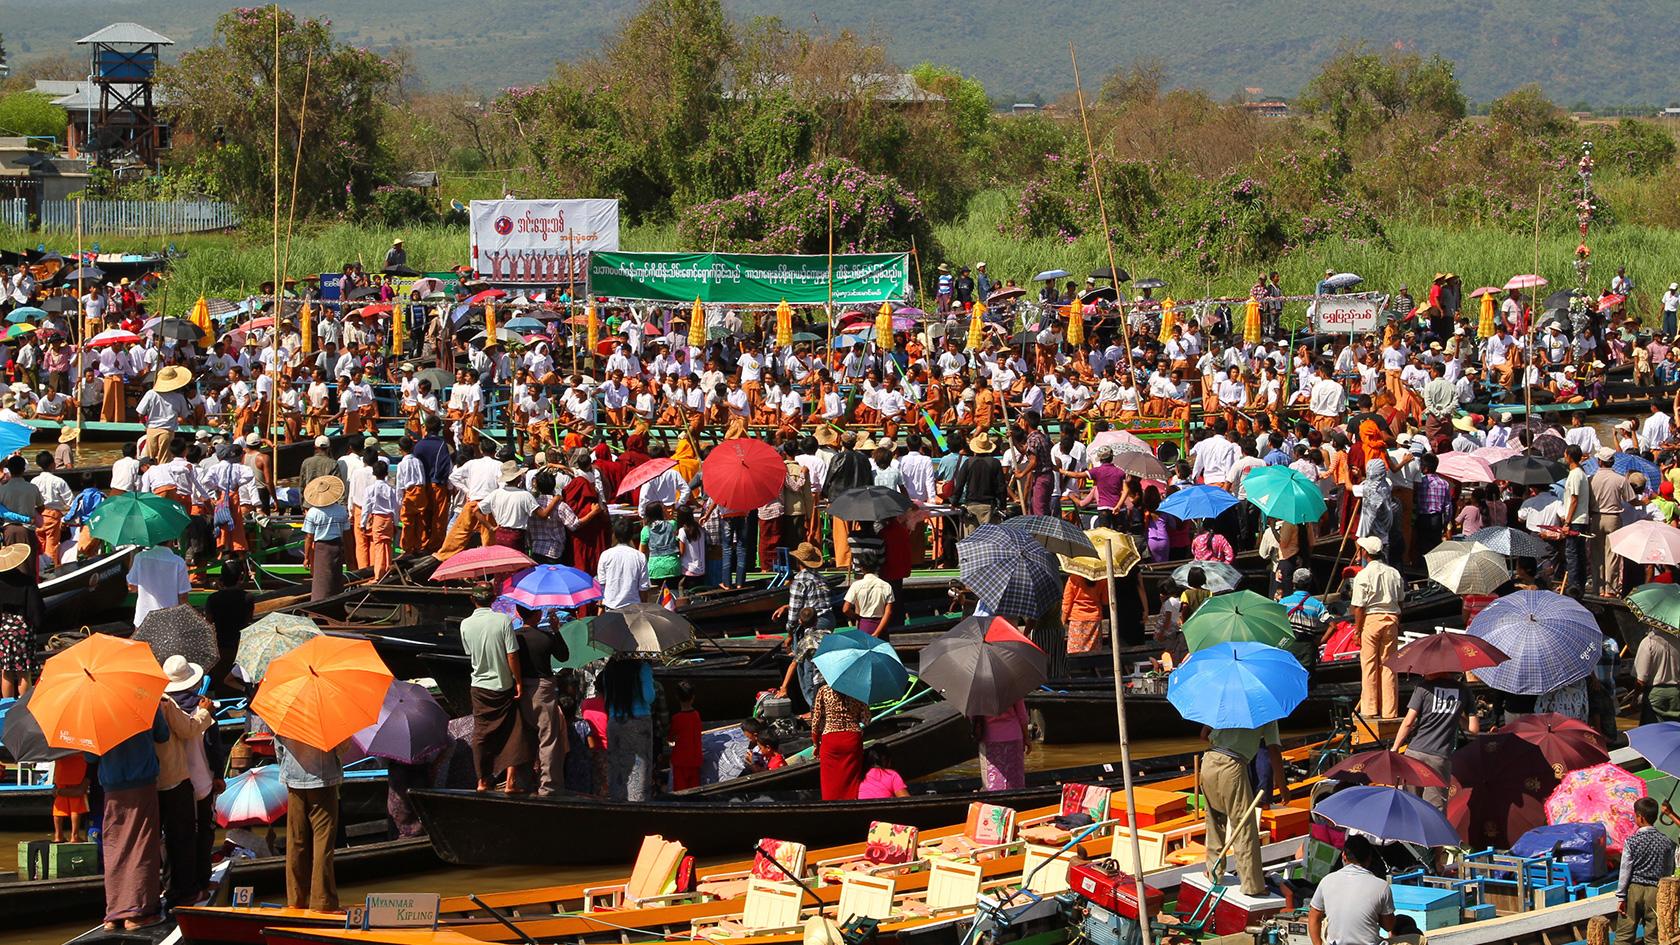 FESTIVAL TIME IN MYANMAR